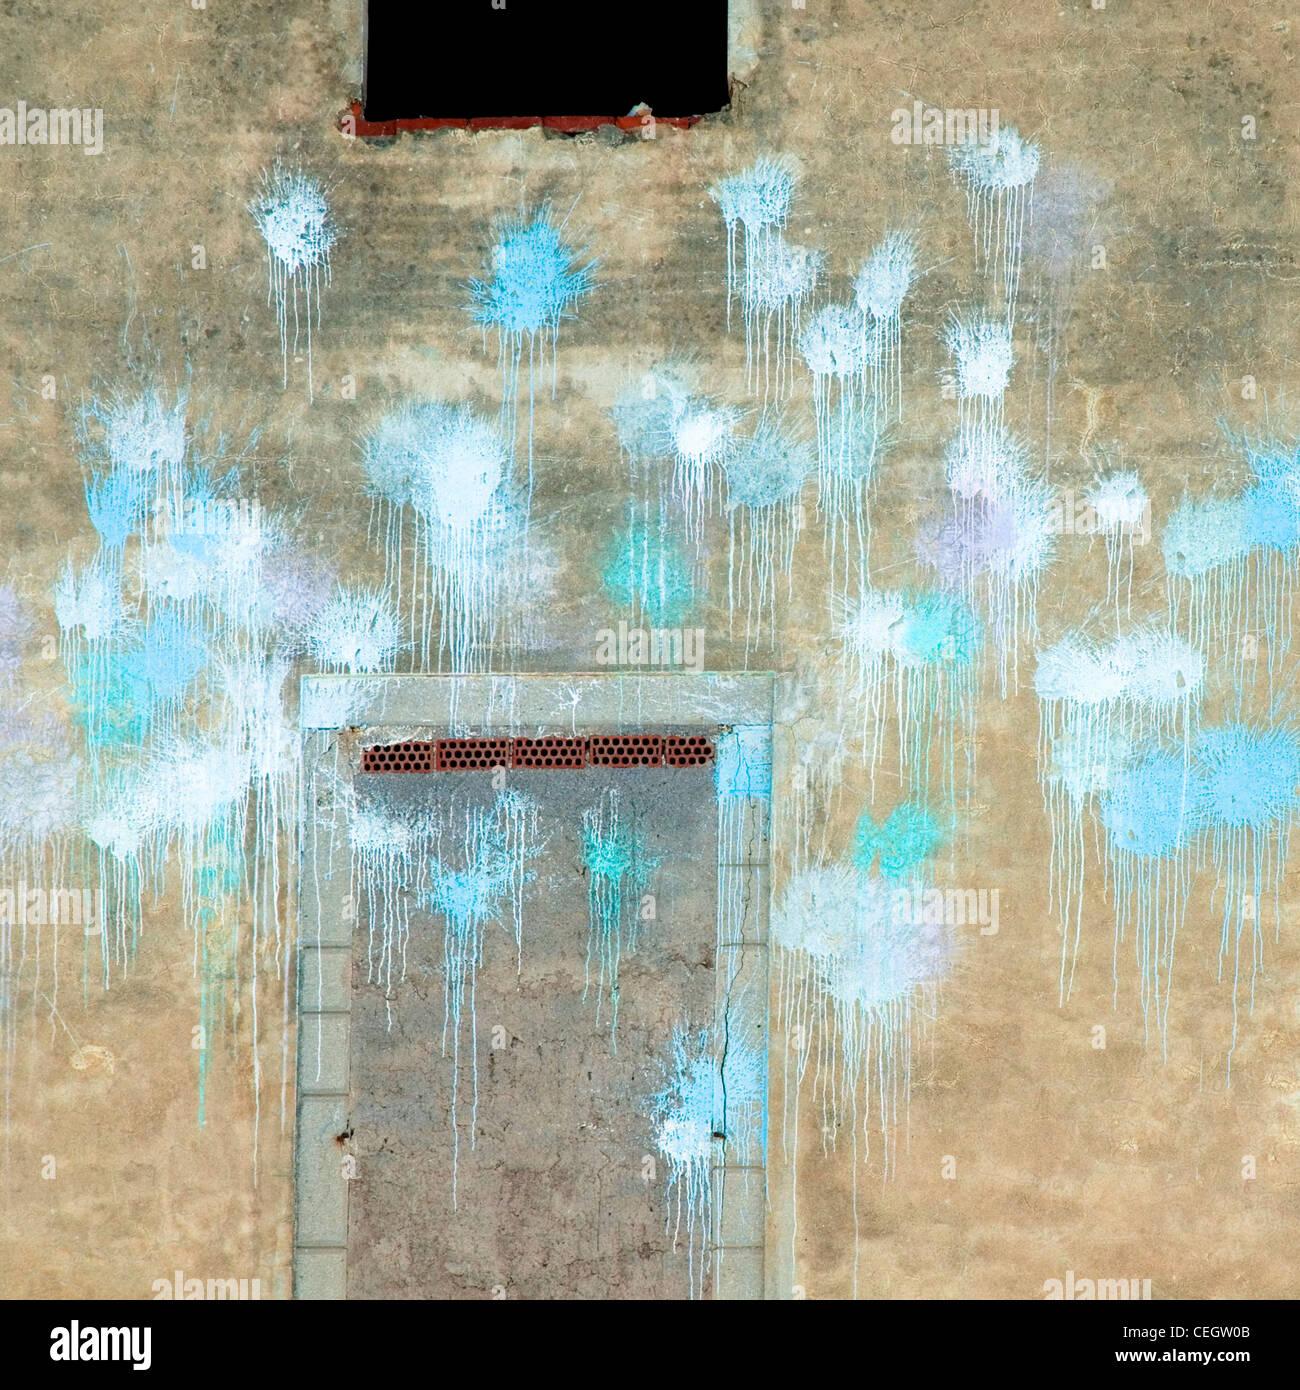 L'avant du bâtiment vide avec des taches de peinture bleu Photo Stock